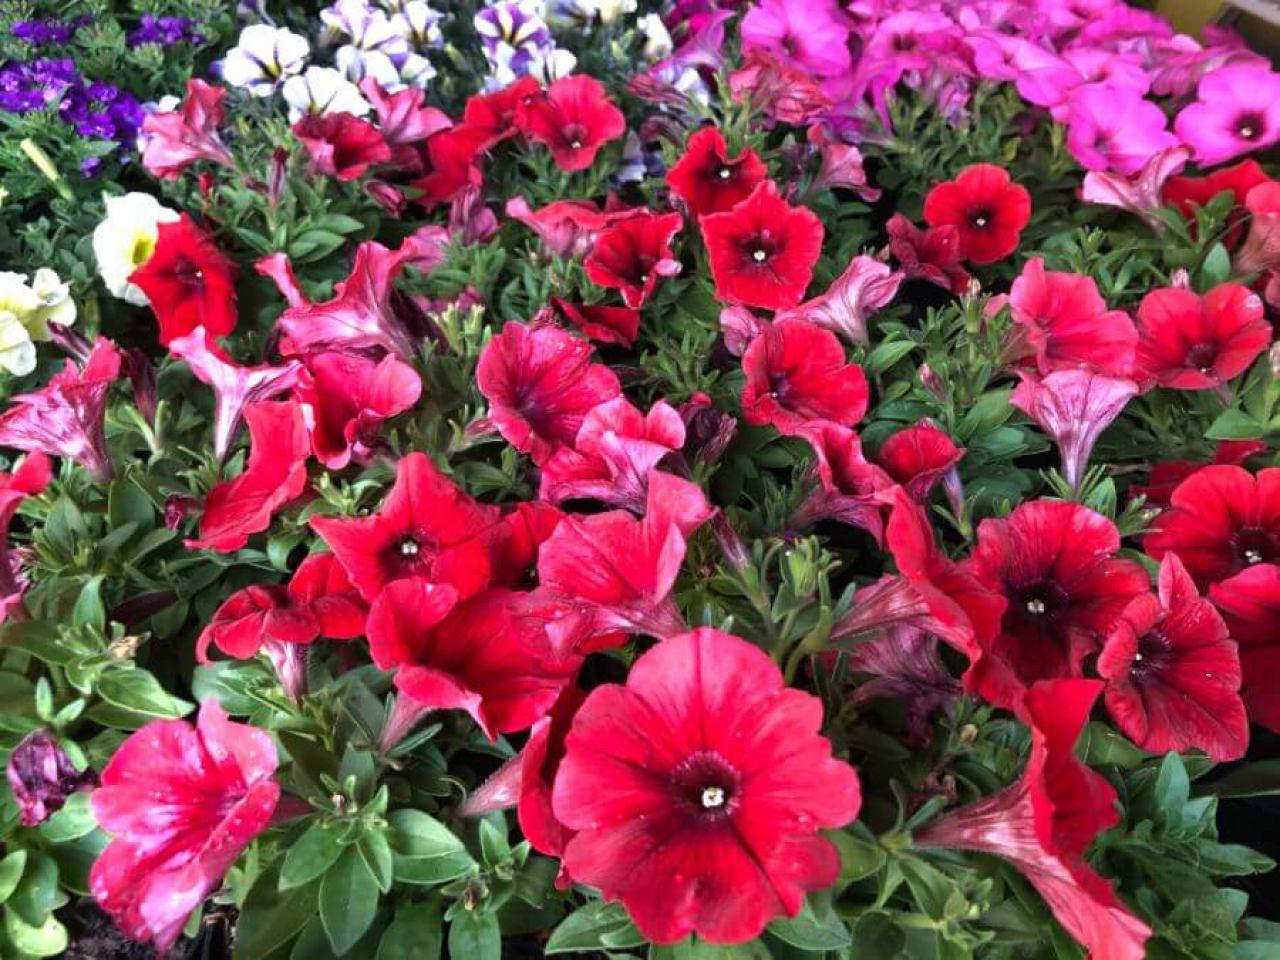 flora-commerce-4343467412.jpg